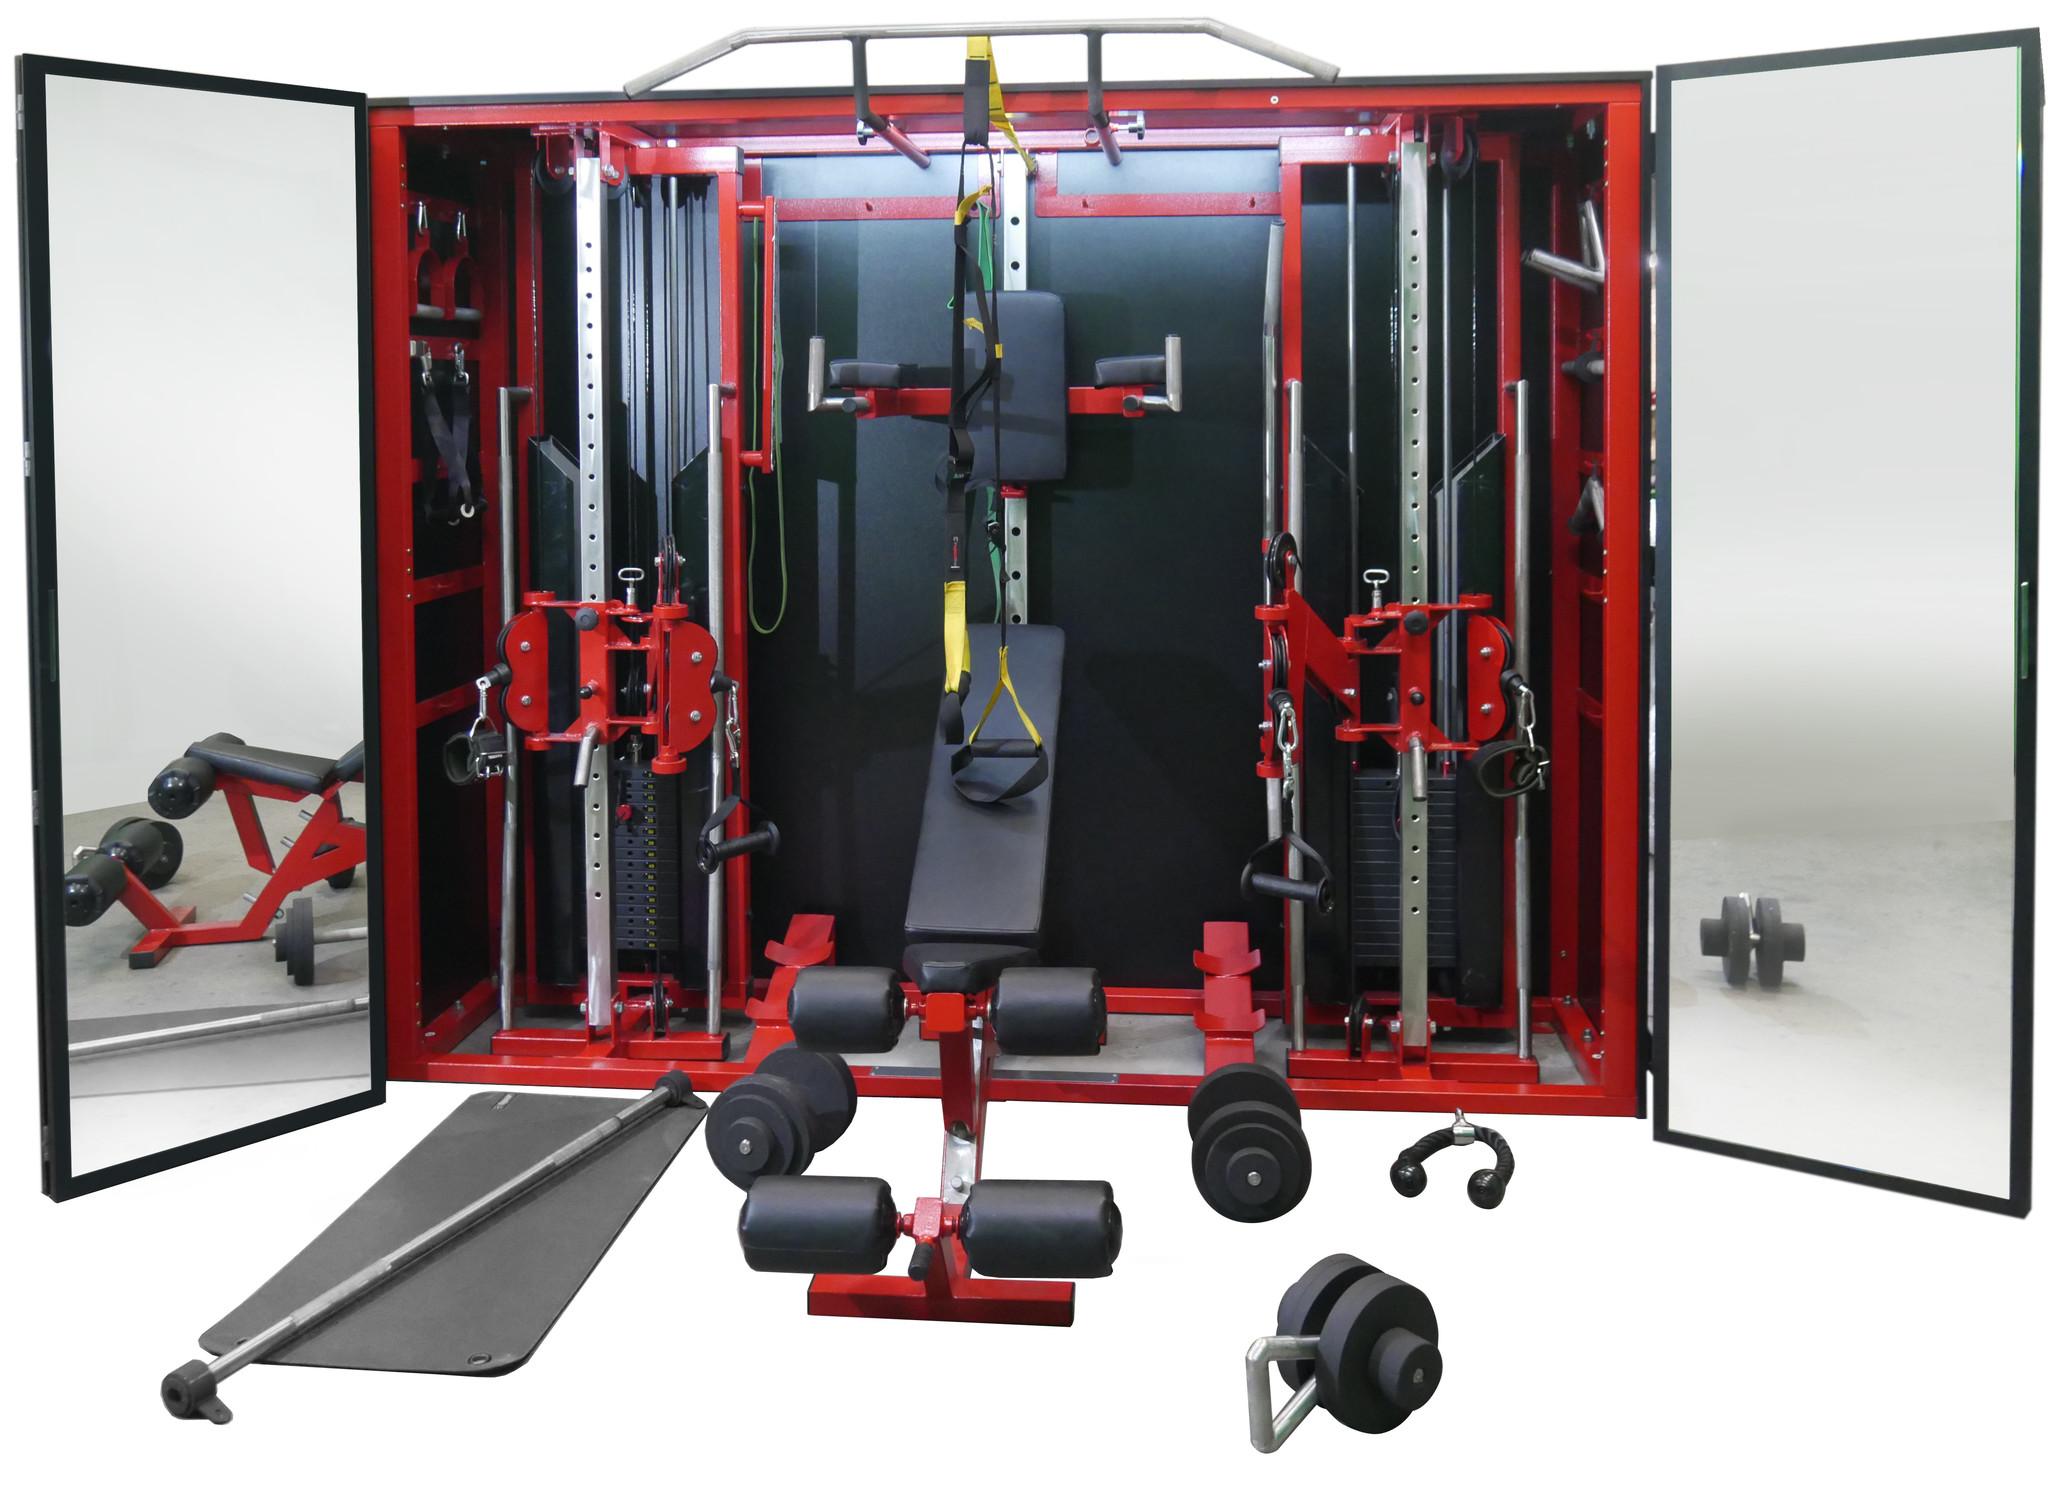 Home Gym 1HG